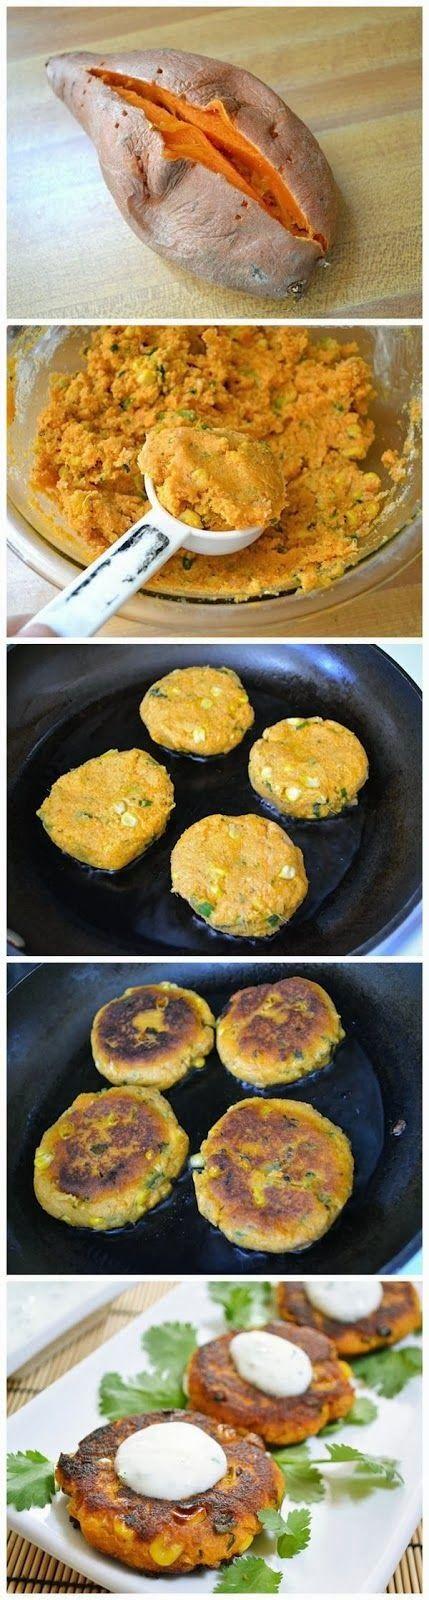 las haria al horno en vez de fritas